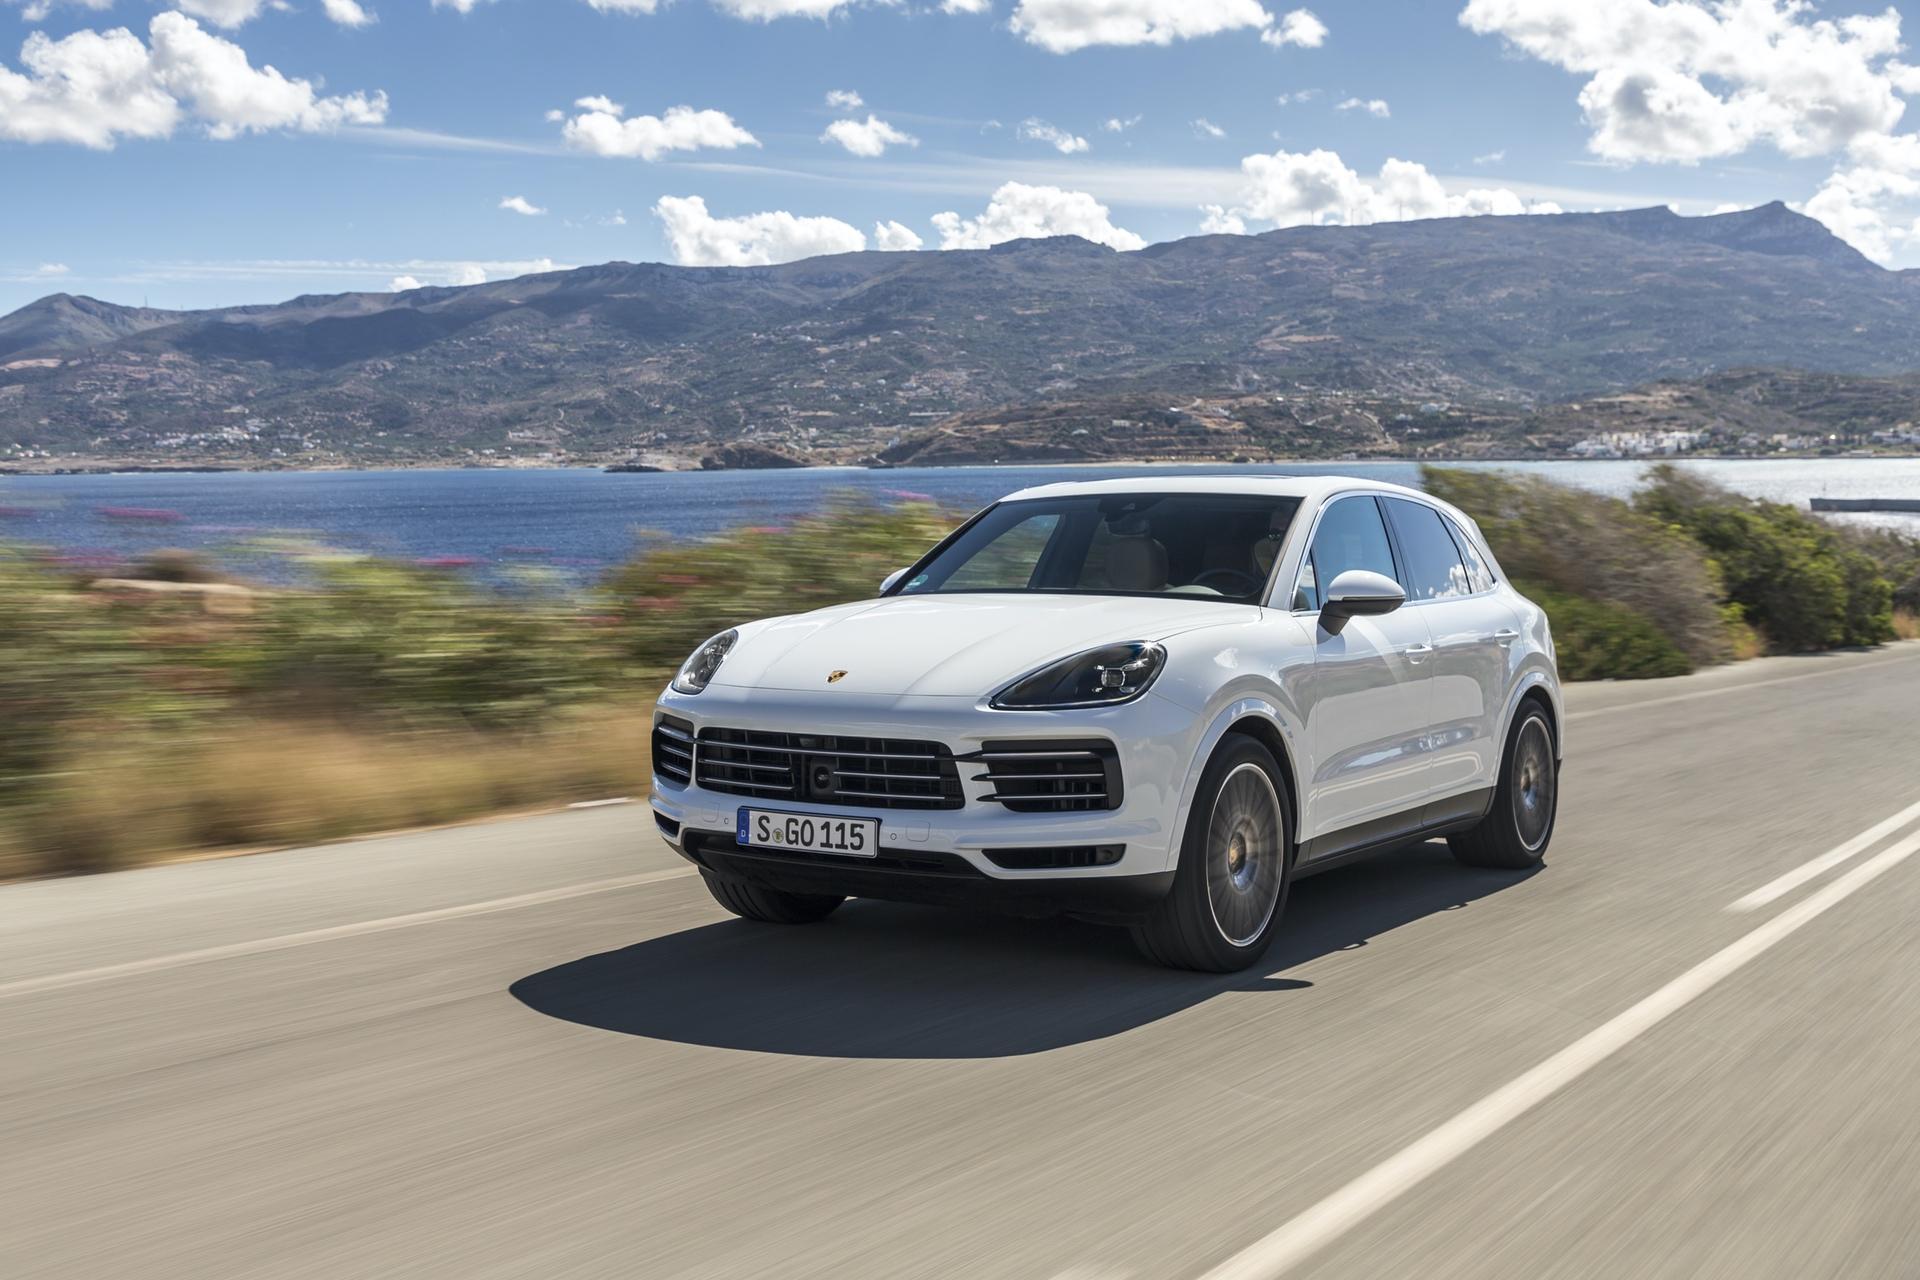 Test_Drive_Porsche_Cayenne_333